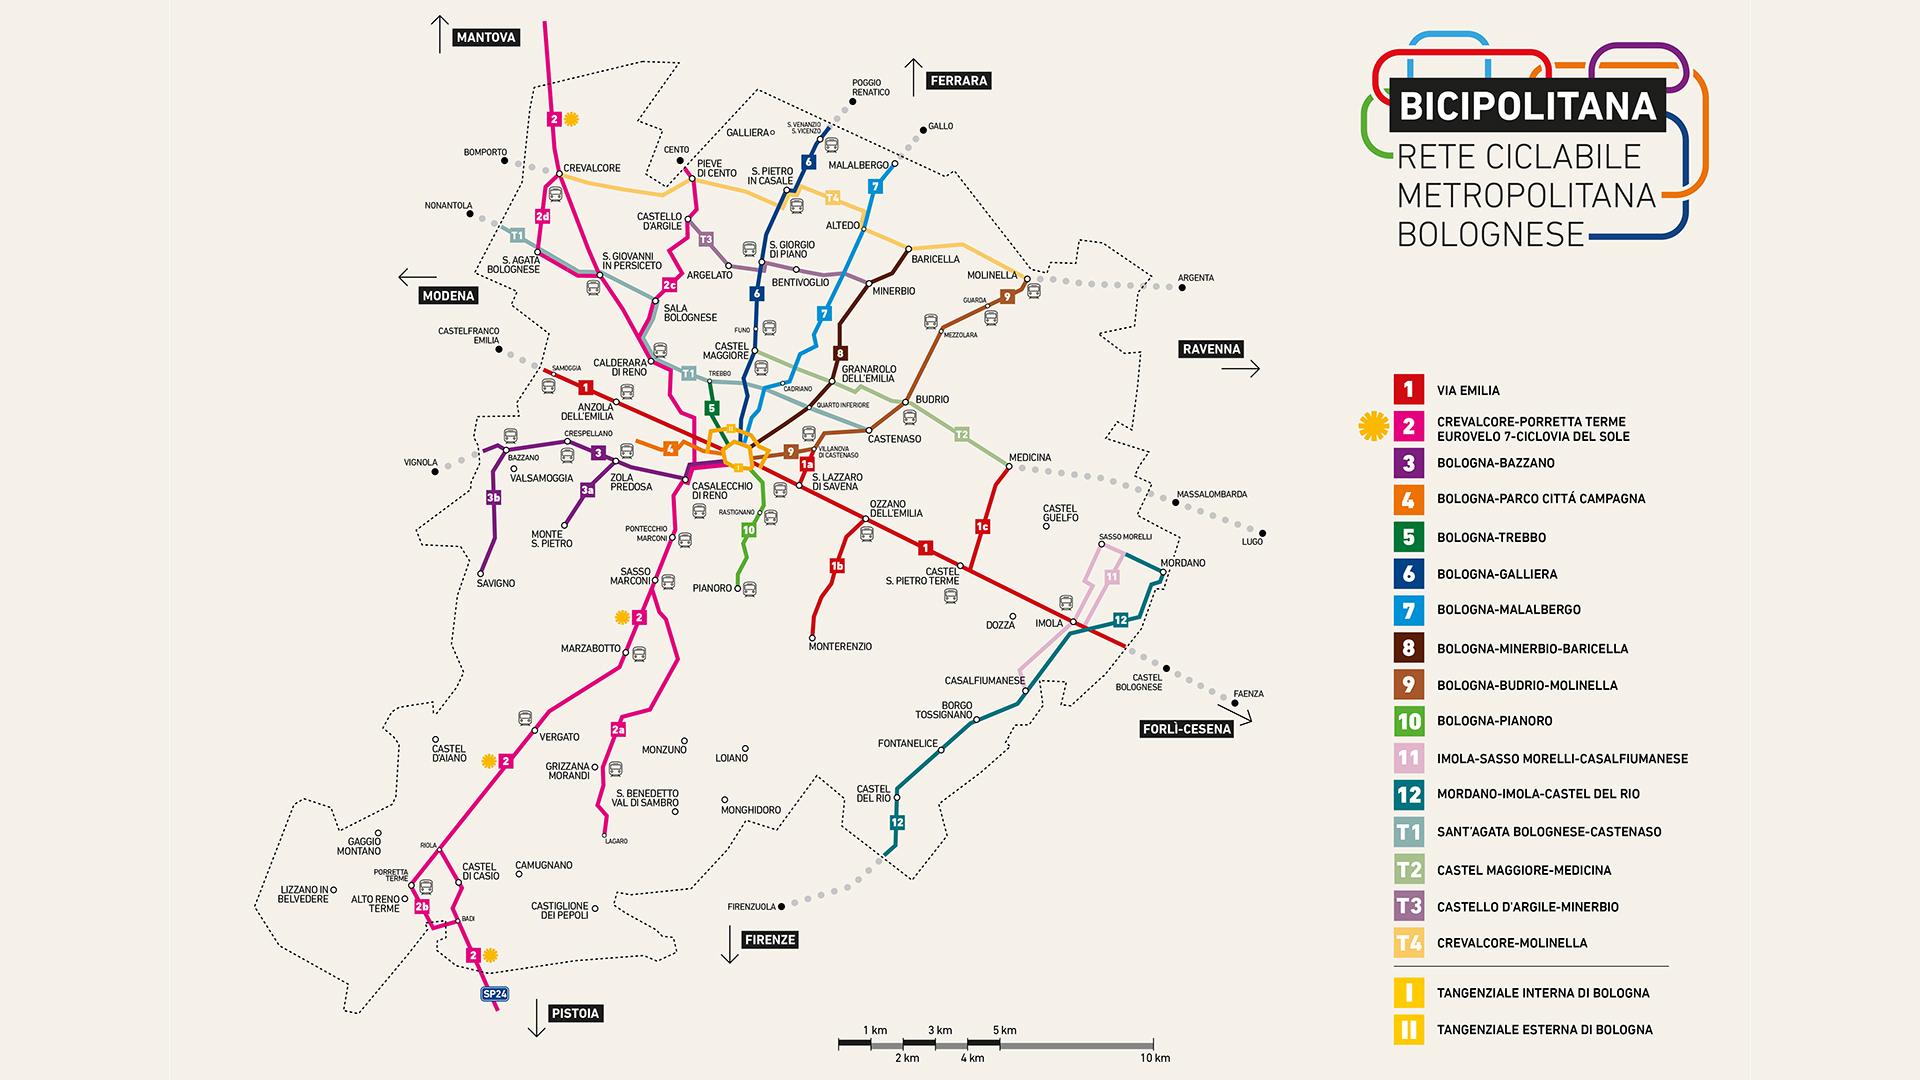 Bicipolitana, al via la realizzazione delle ciclabili per collegare i comuni dell'hinterland a Bologna